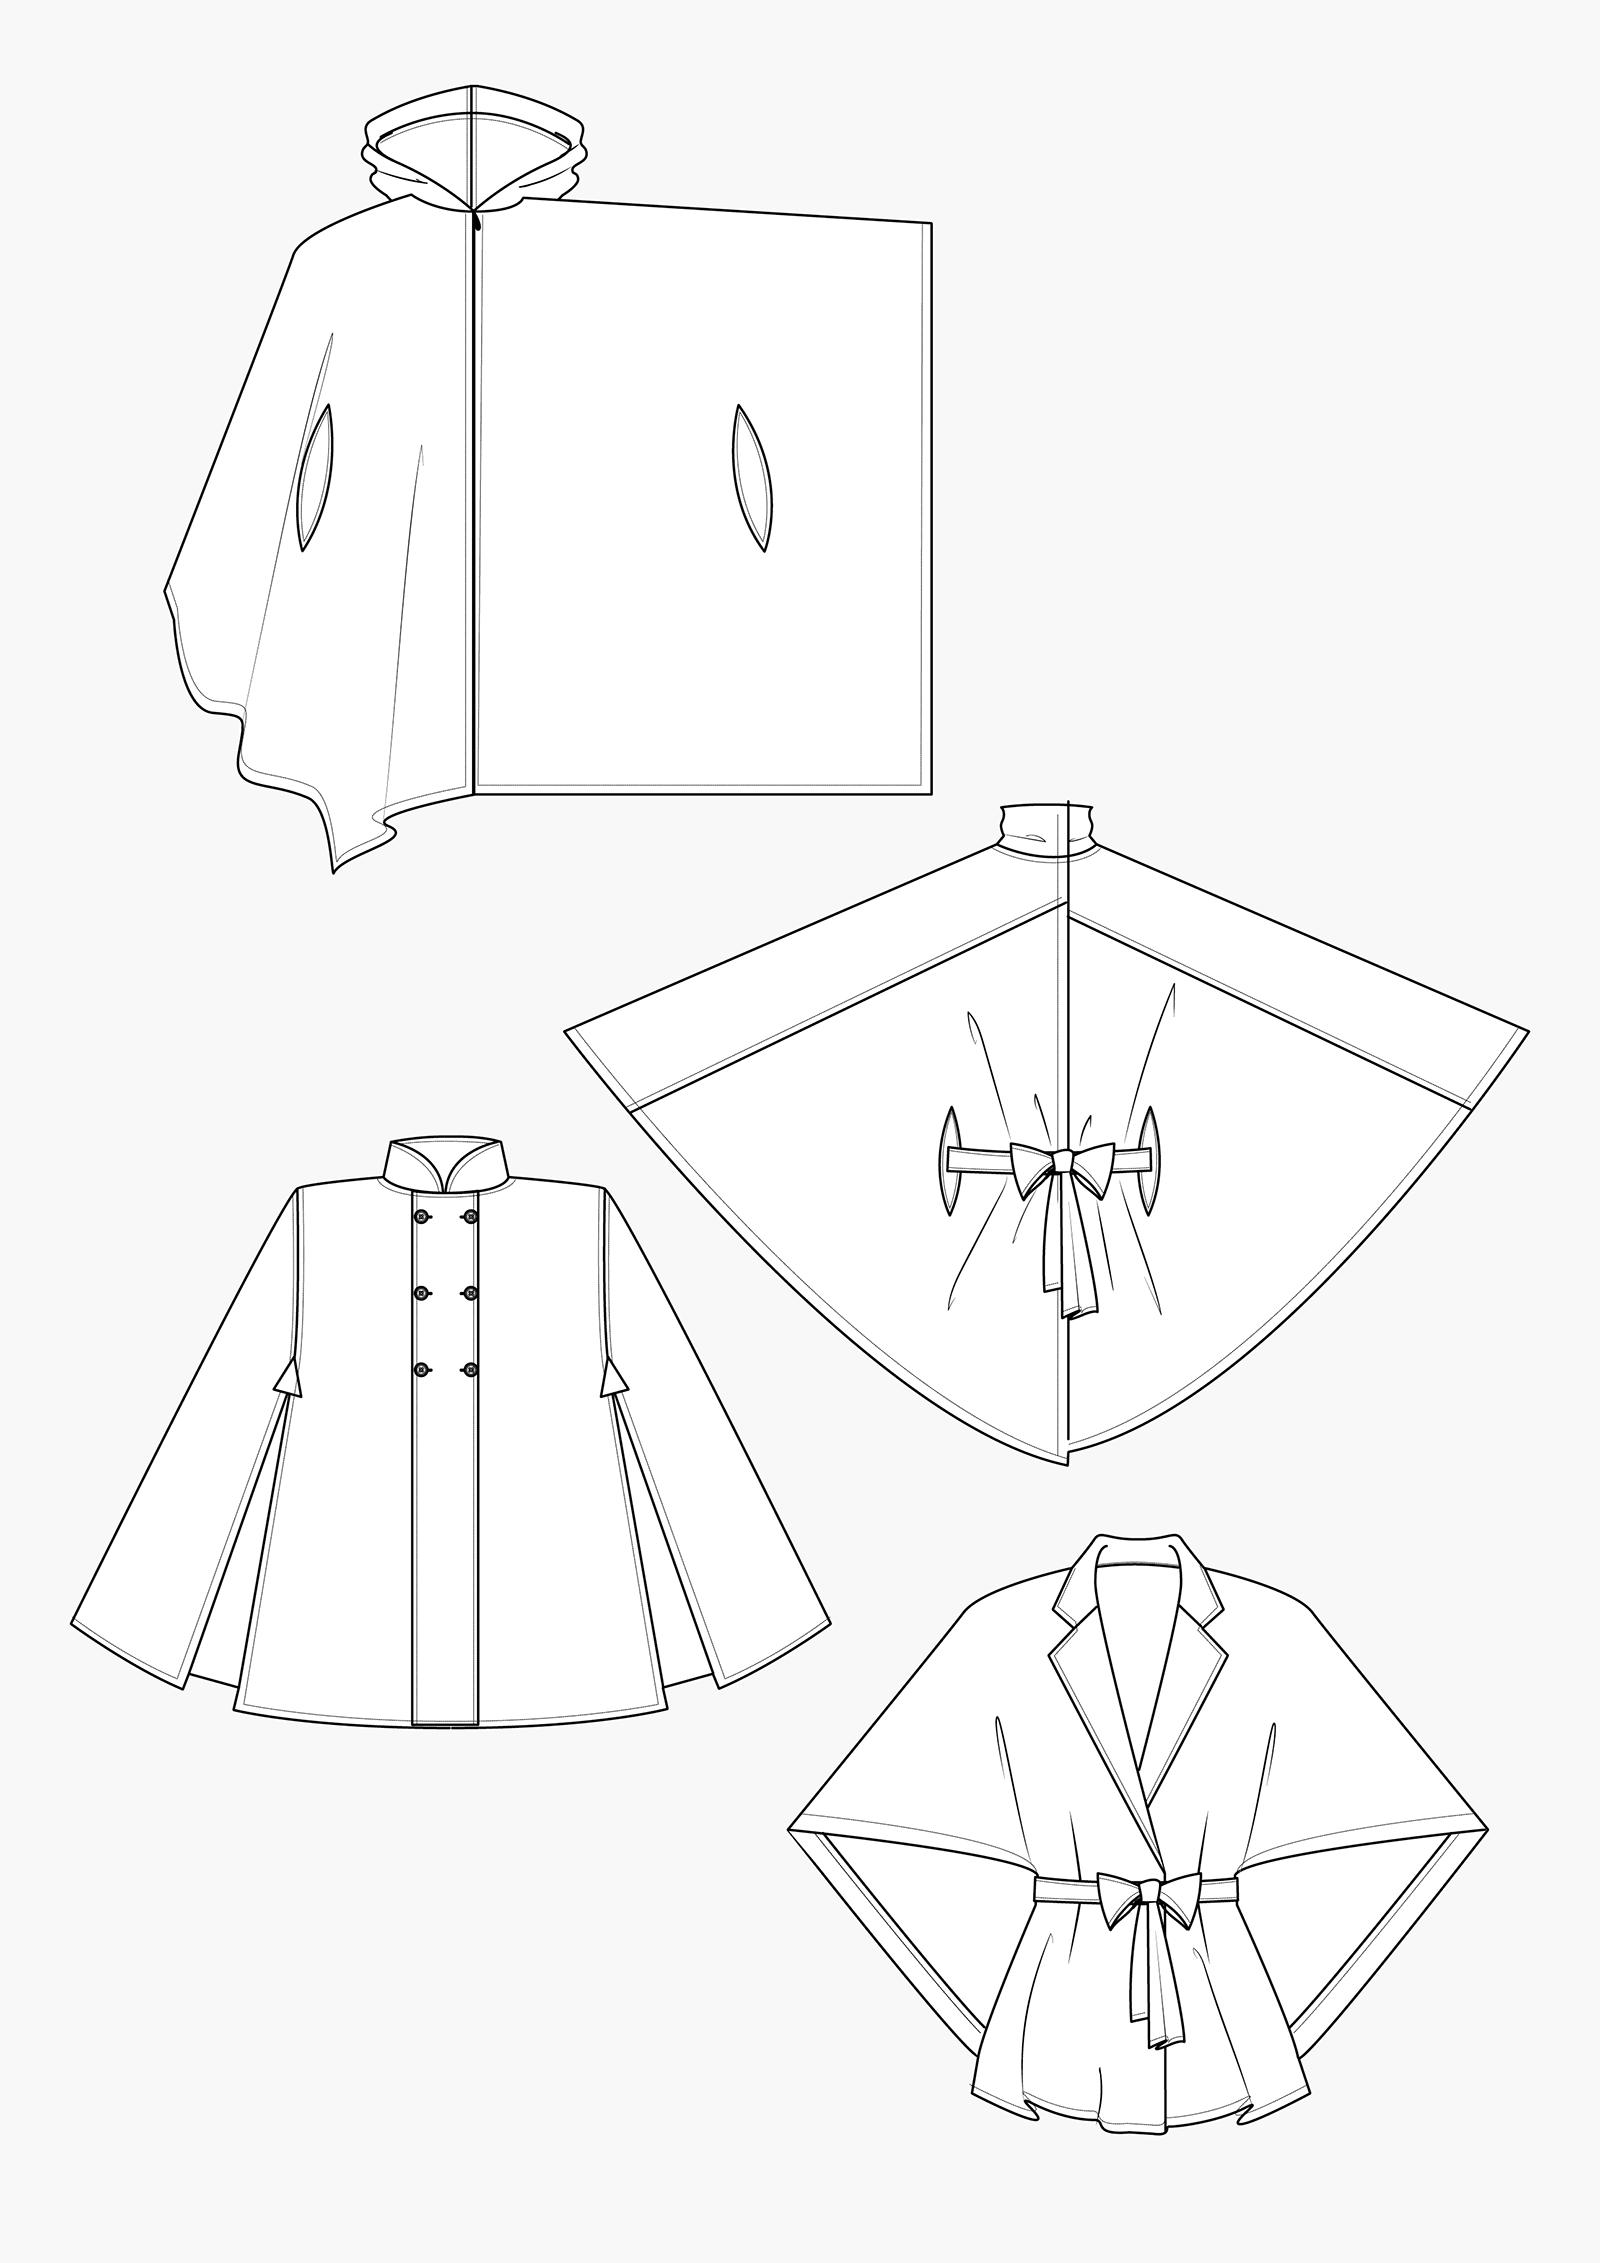 Produkt: Schnitt-Technik Capes und Ponchos